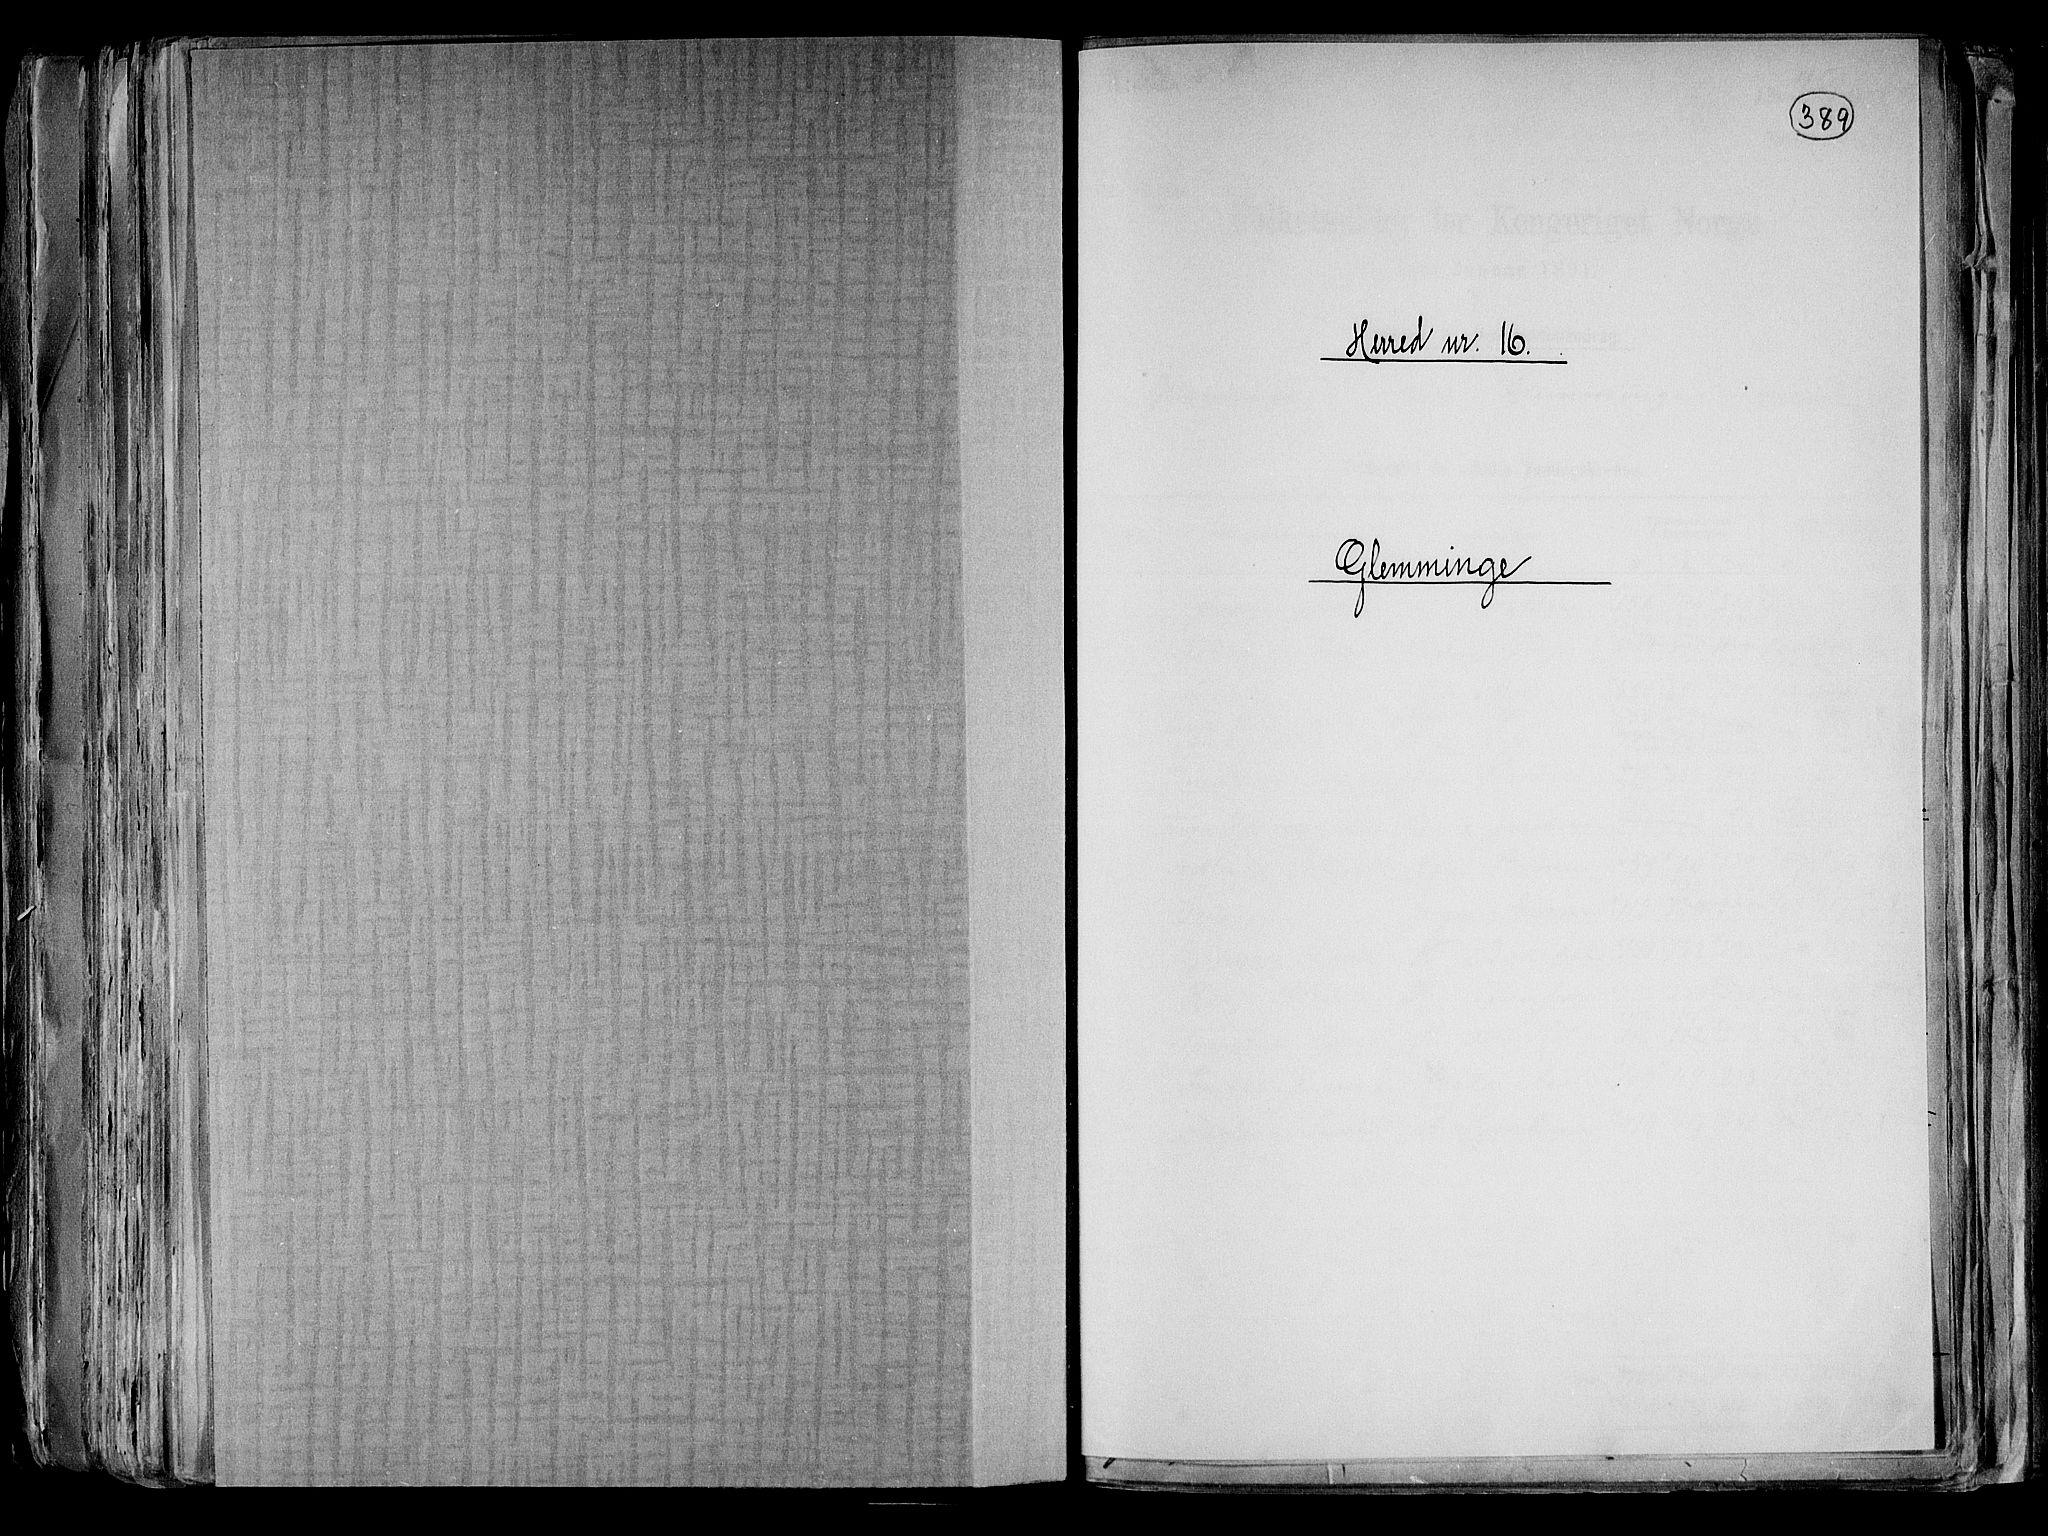 RA, Folketelling 1891 for 0132 Glemmen herred, 1891, s. 1